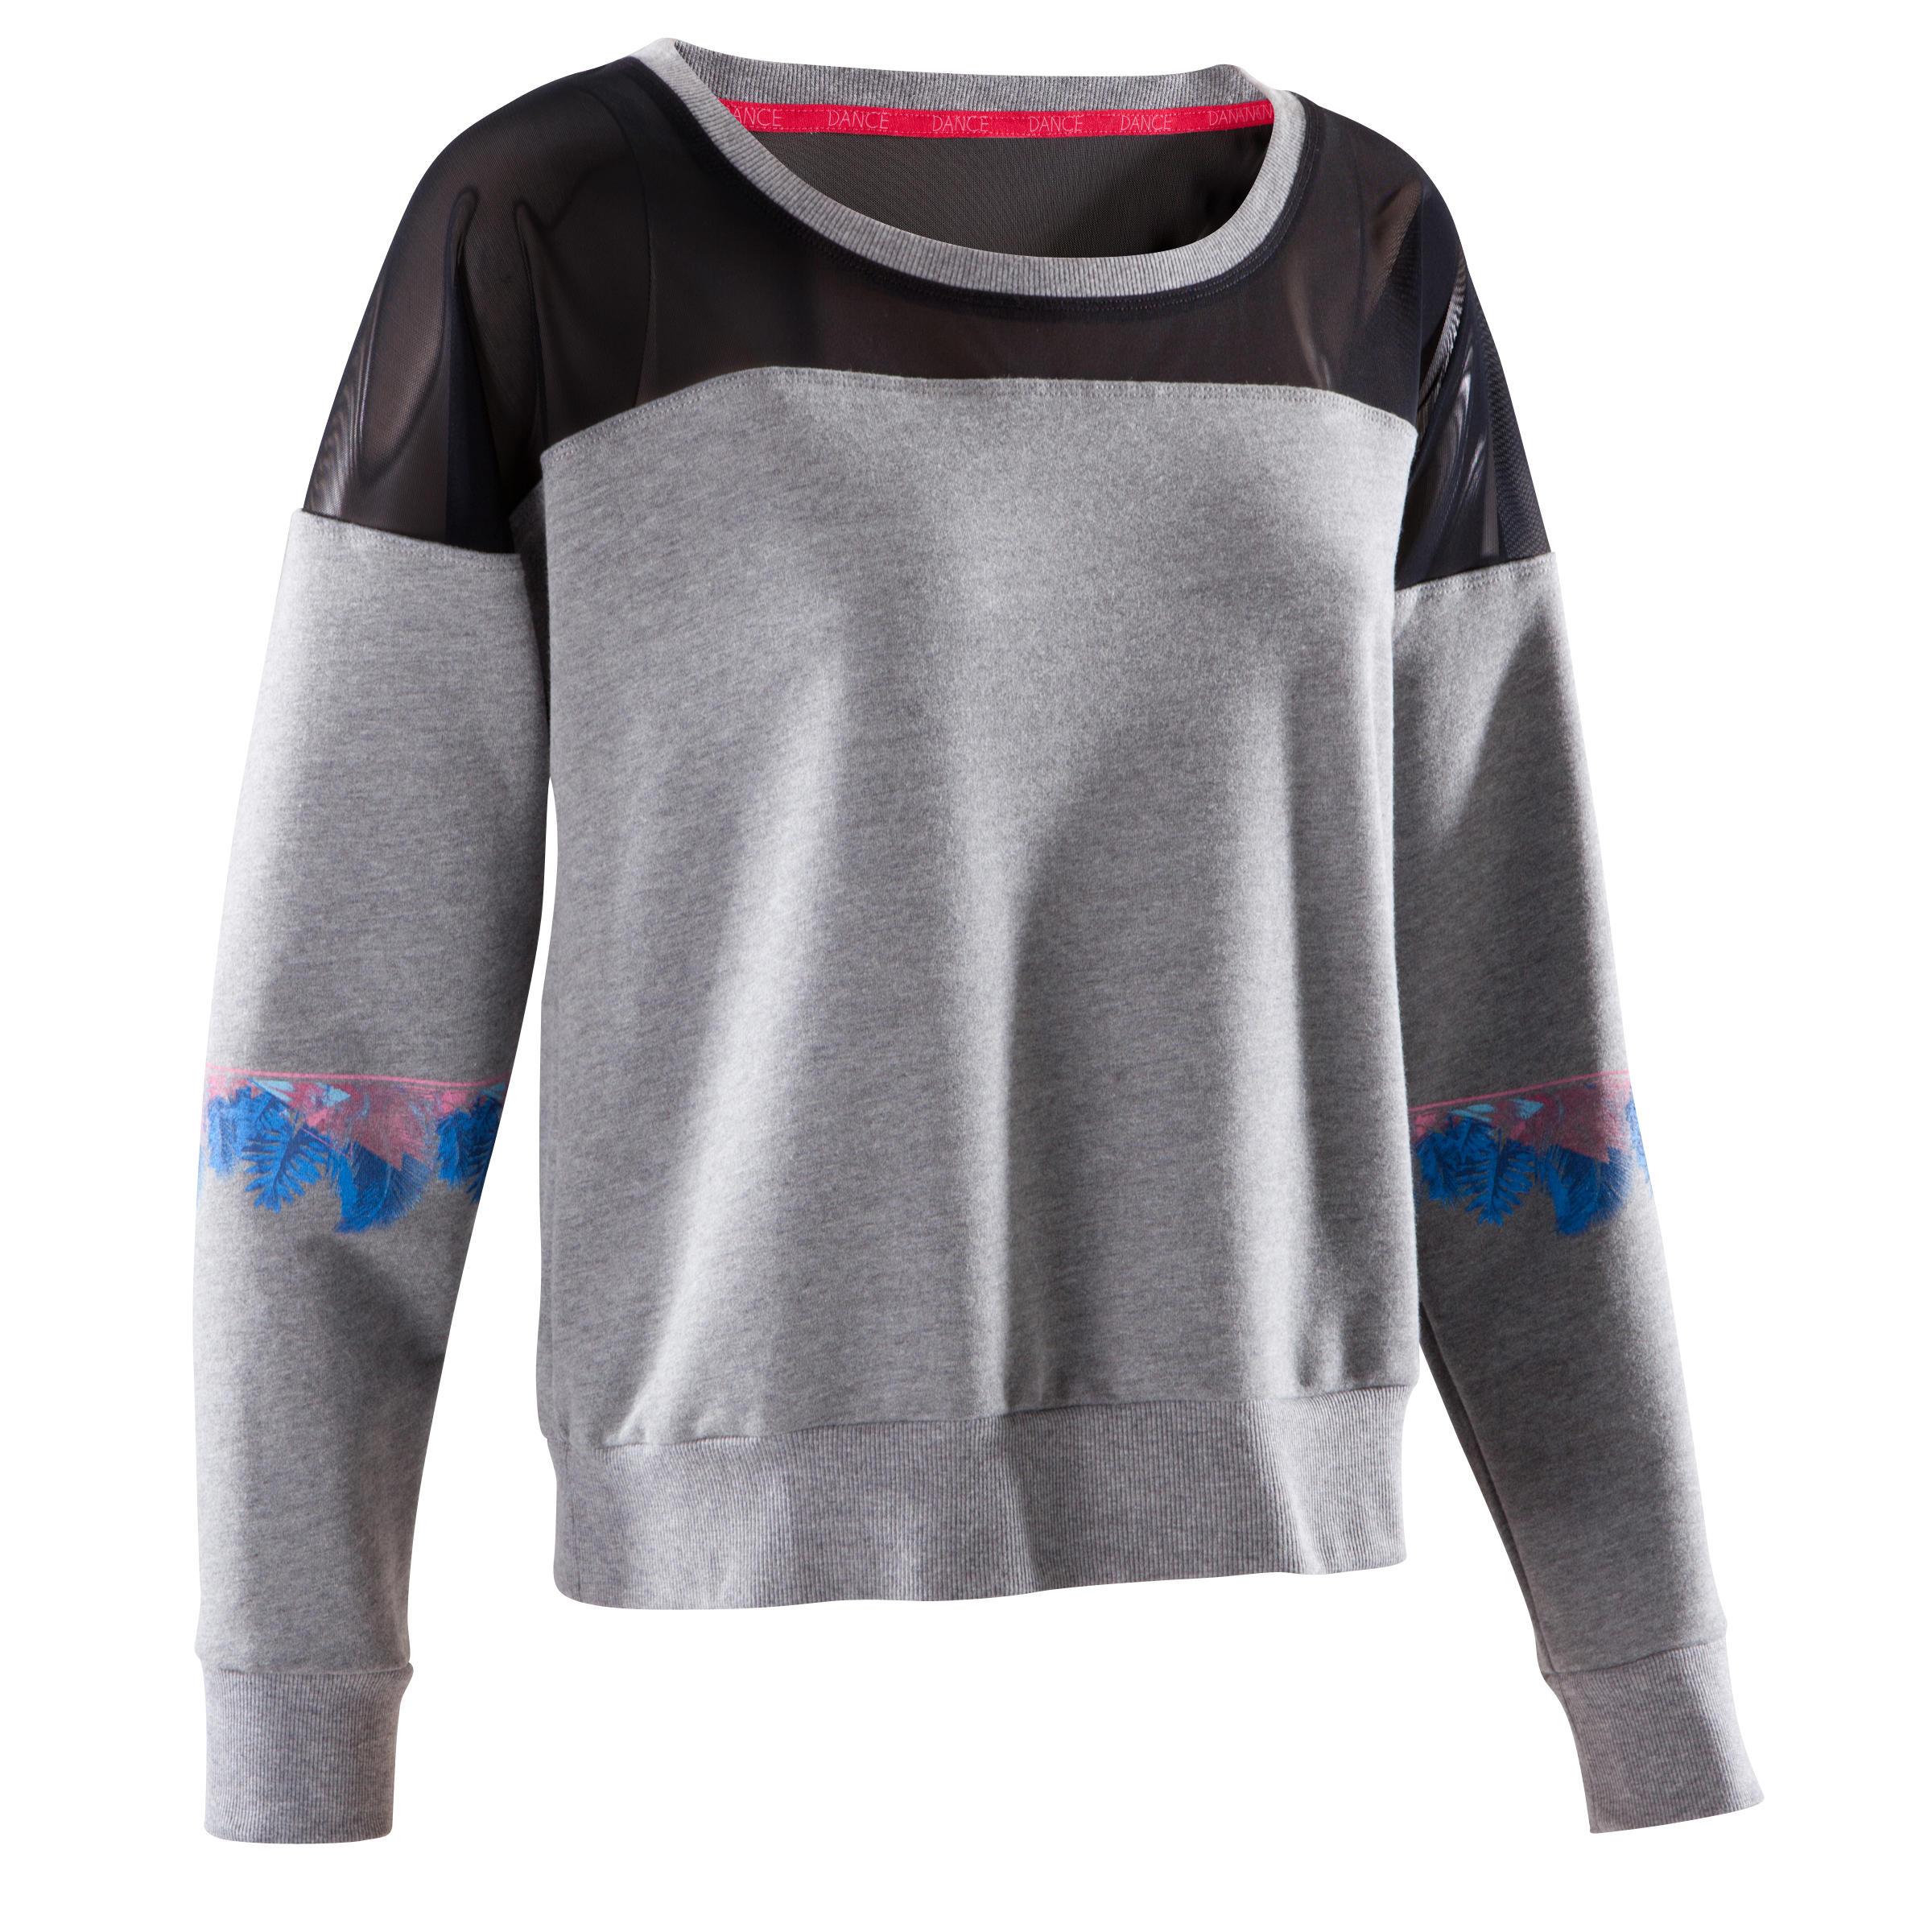 Domyos Danssweater voor dames grijs